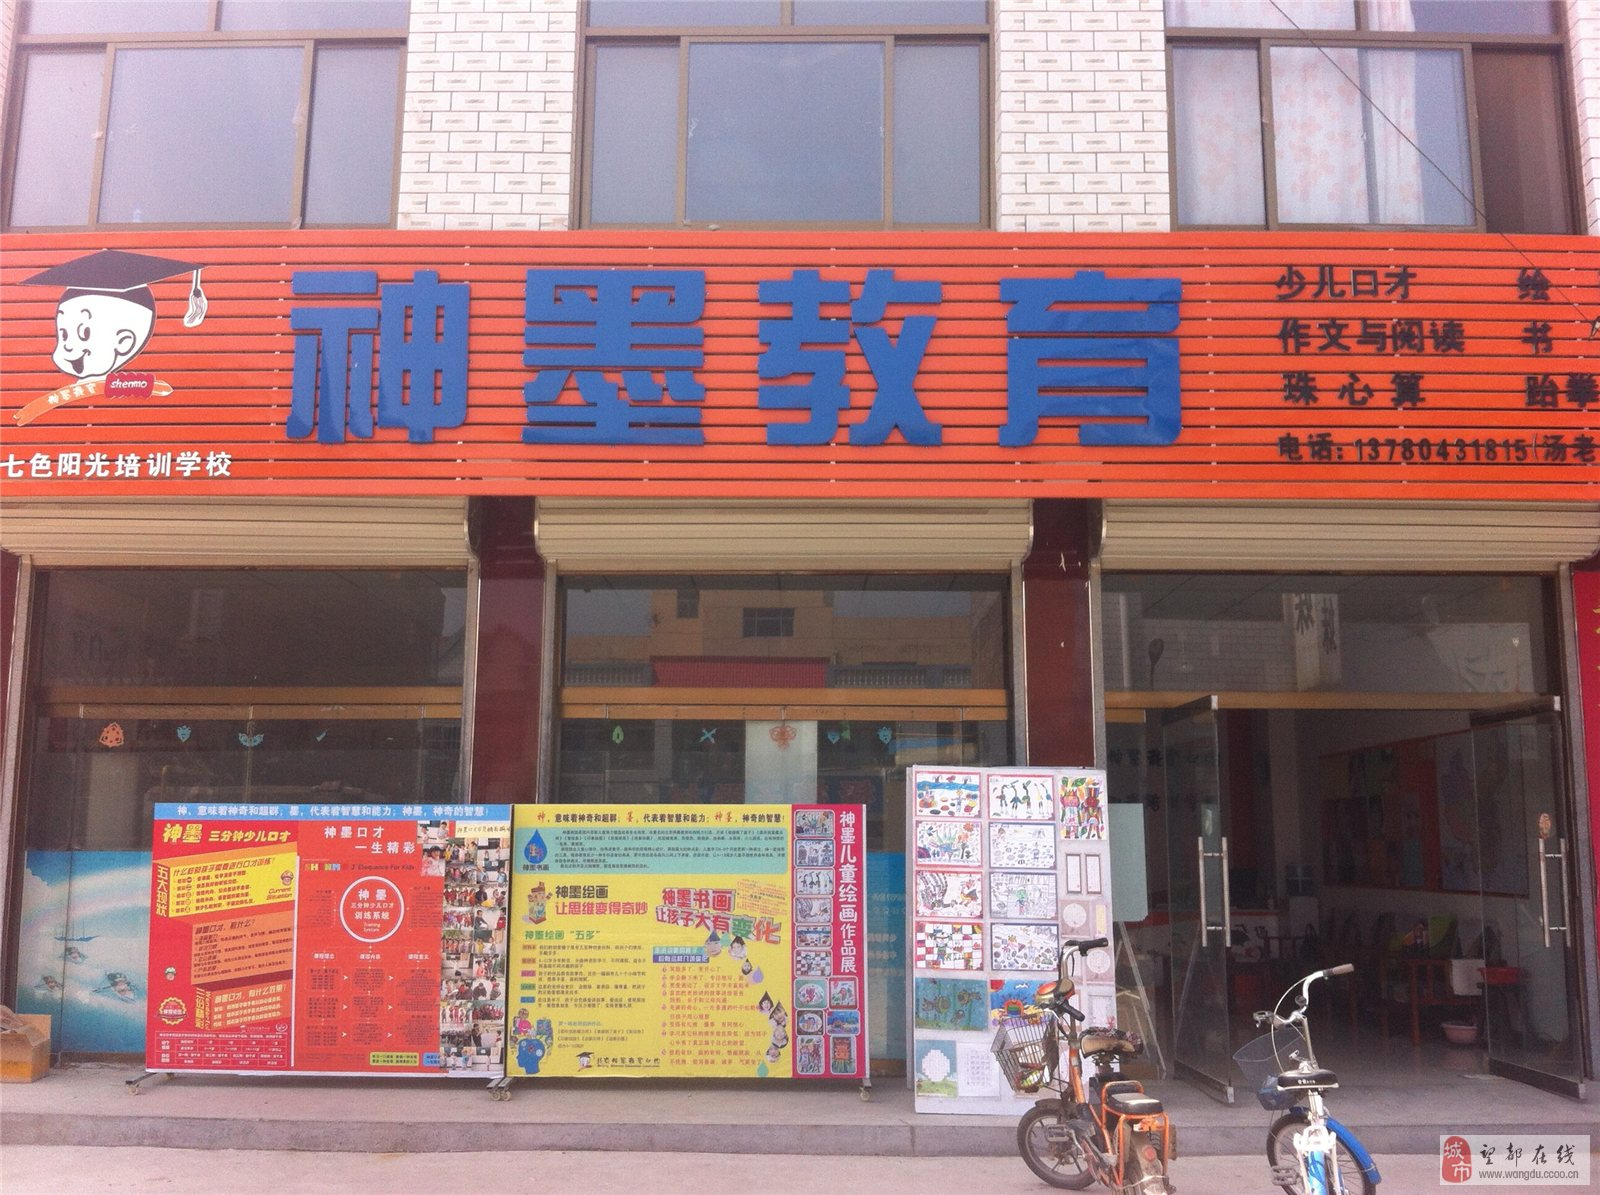 神墨教育(原七色阳光培训学校)招聘教师